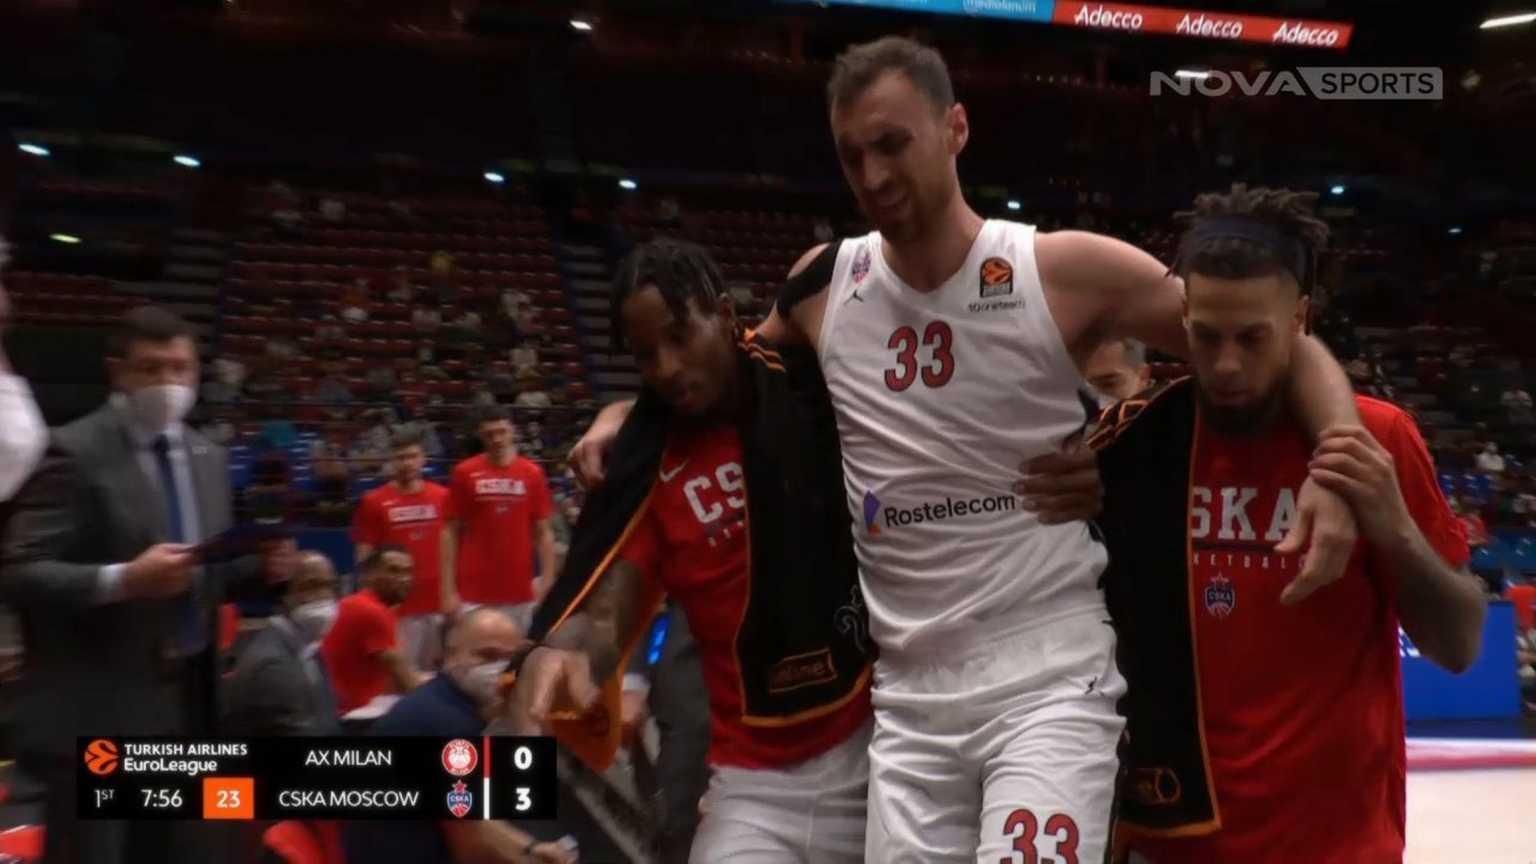 Euroleague, ΤΣΣΚΑ Μόσχας – Νίκολα Μιλουτίνοφ: Τραυματίστηκε σοβαρά και αποχώρησε υποβασταζόμενος